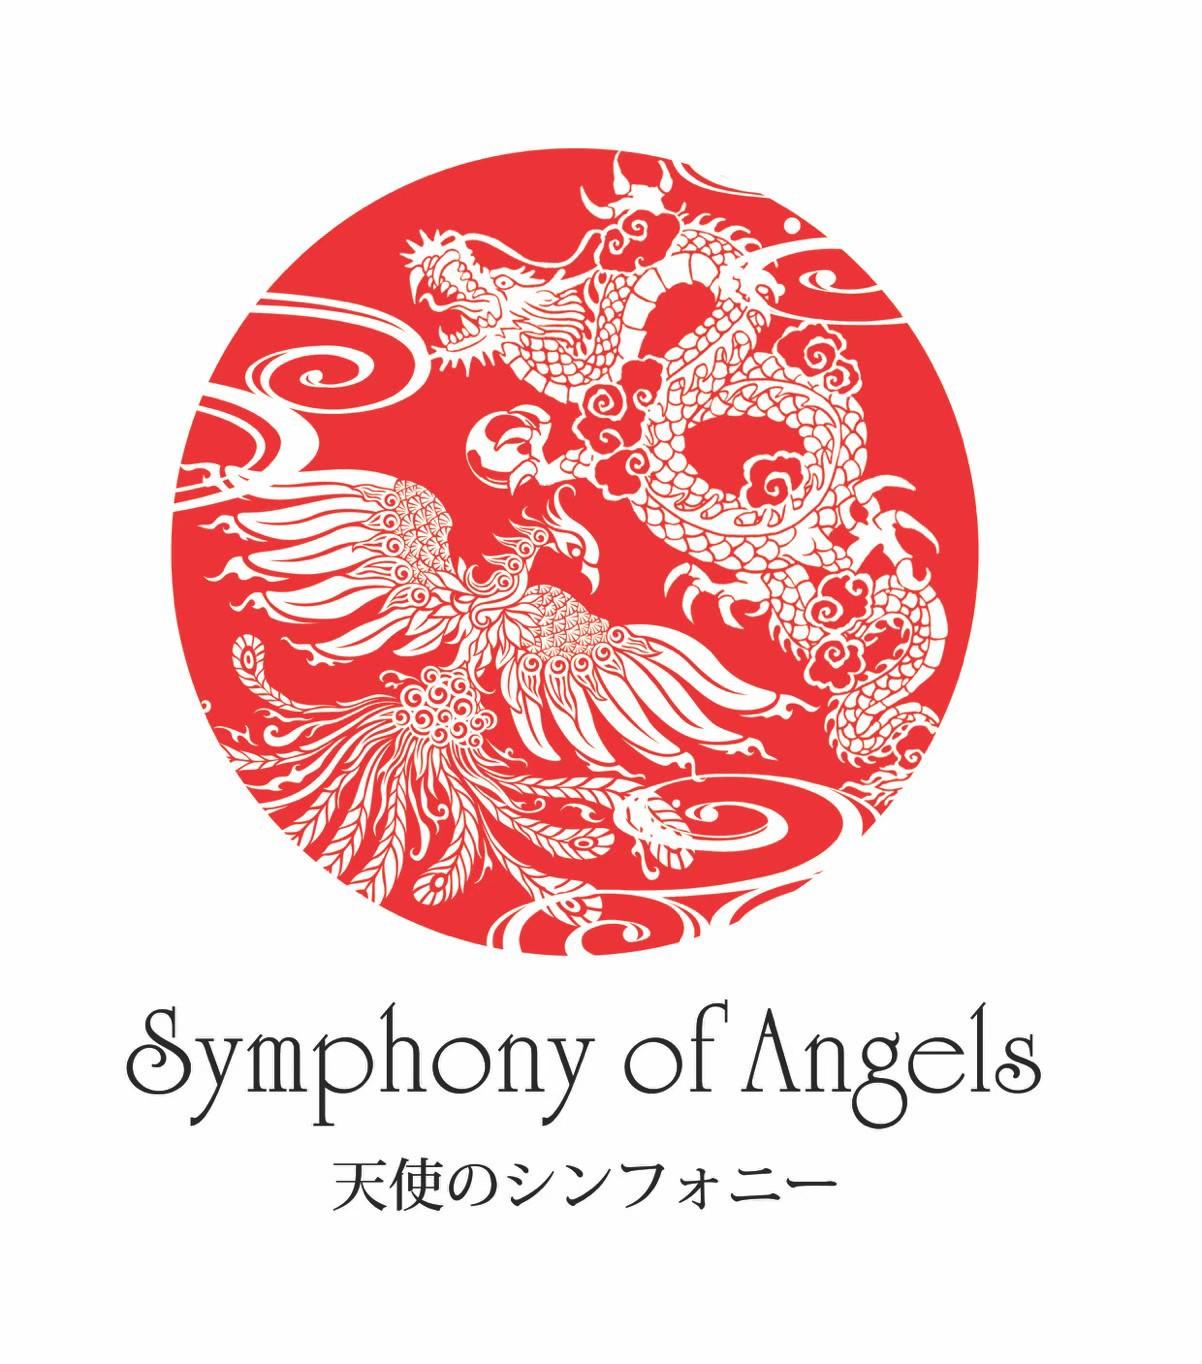 オルゴナイトショップ 天使のシンフォニー